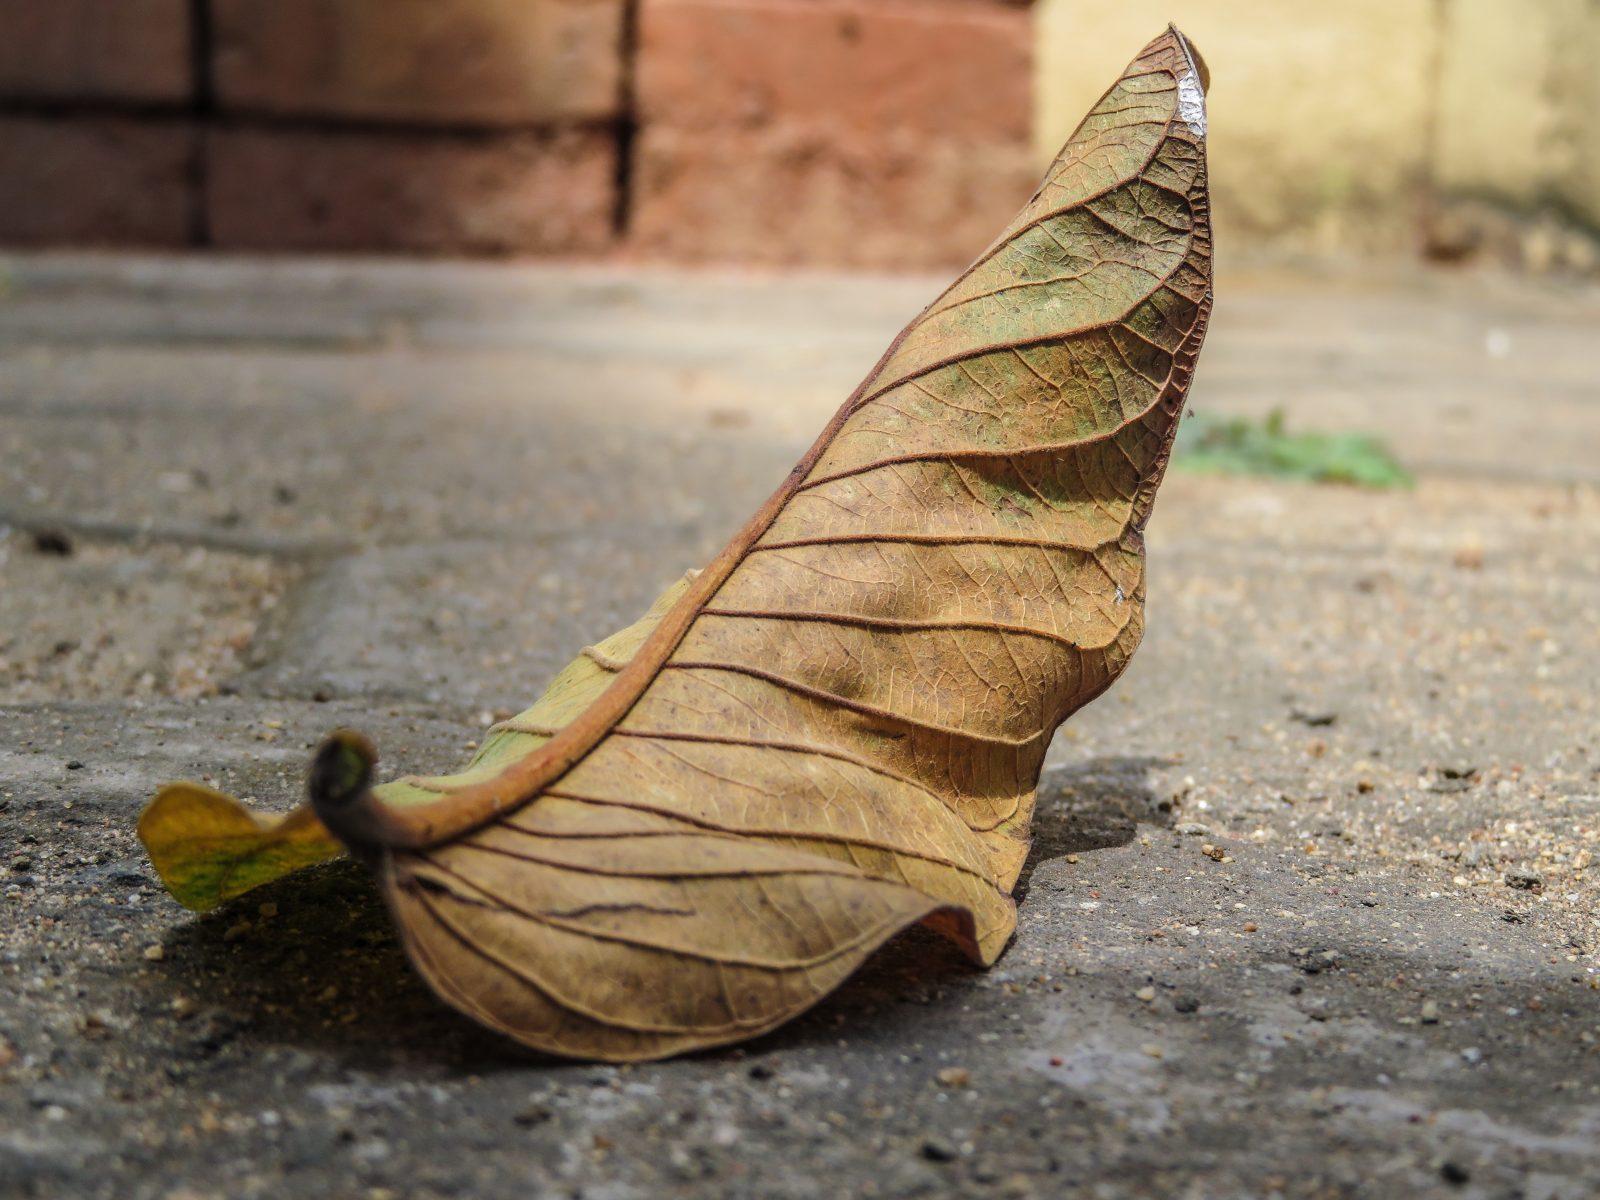 Fallen Leaf Details